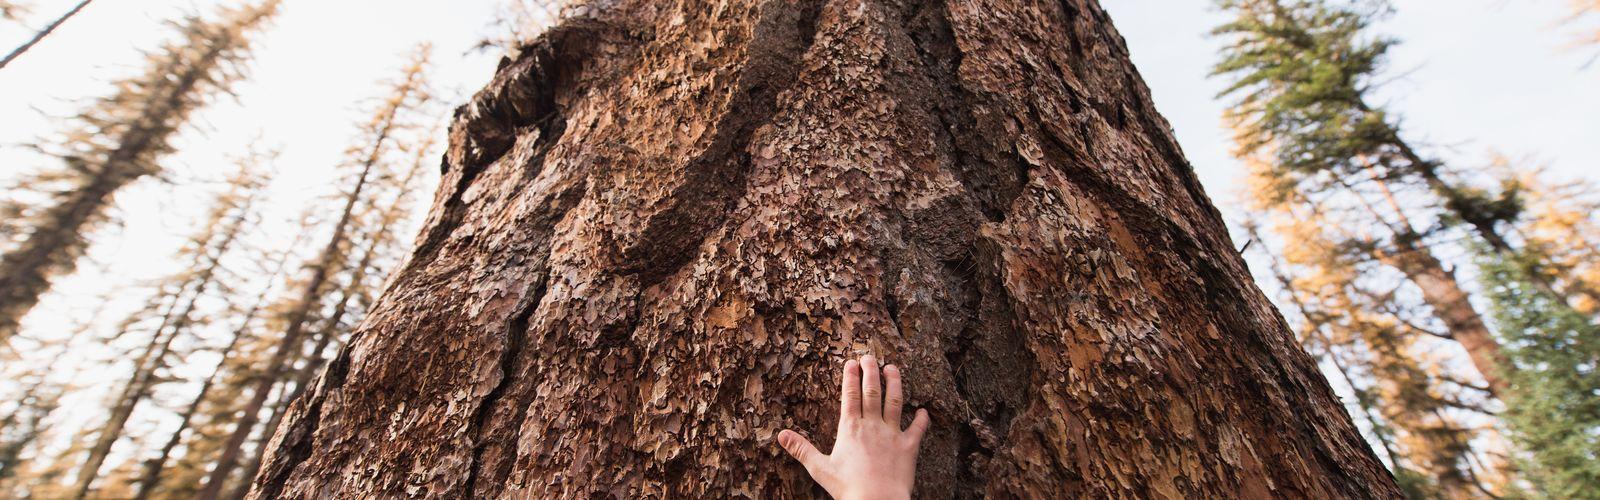 Ayúdanos a plantar árboles